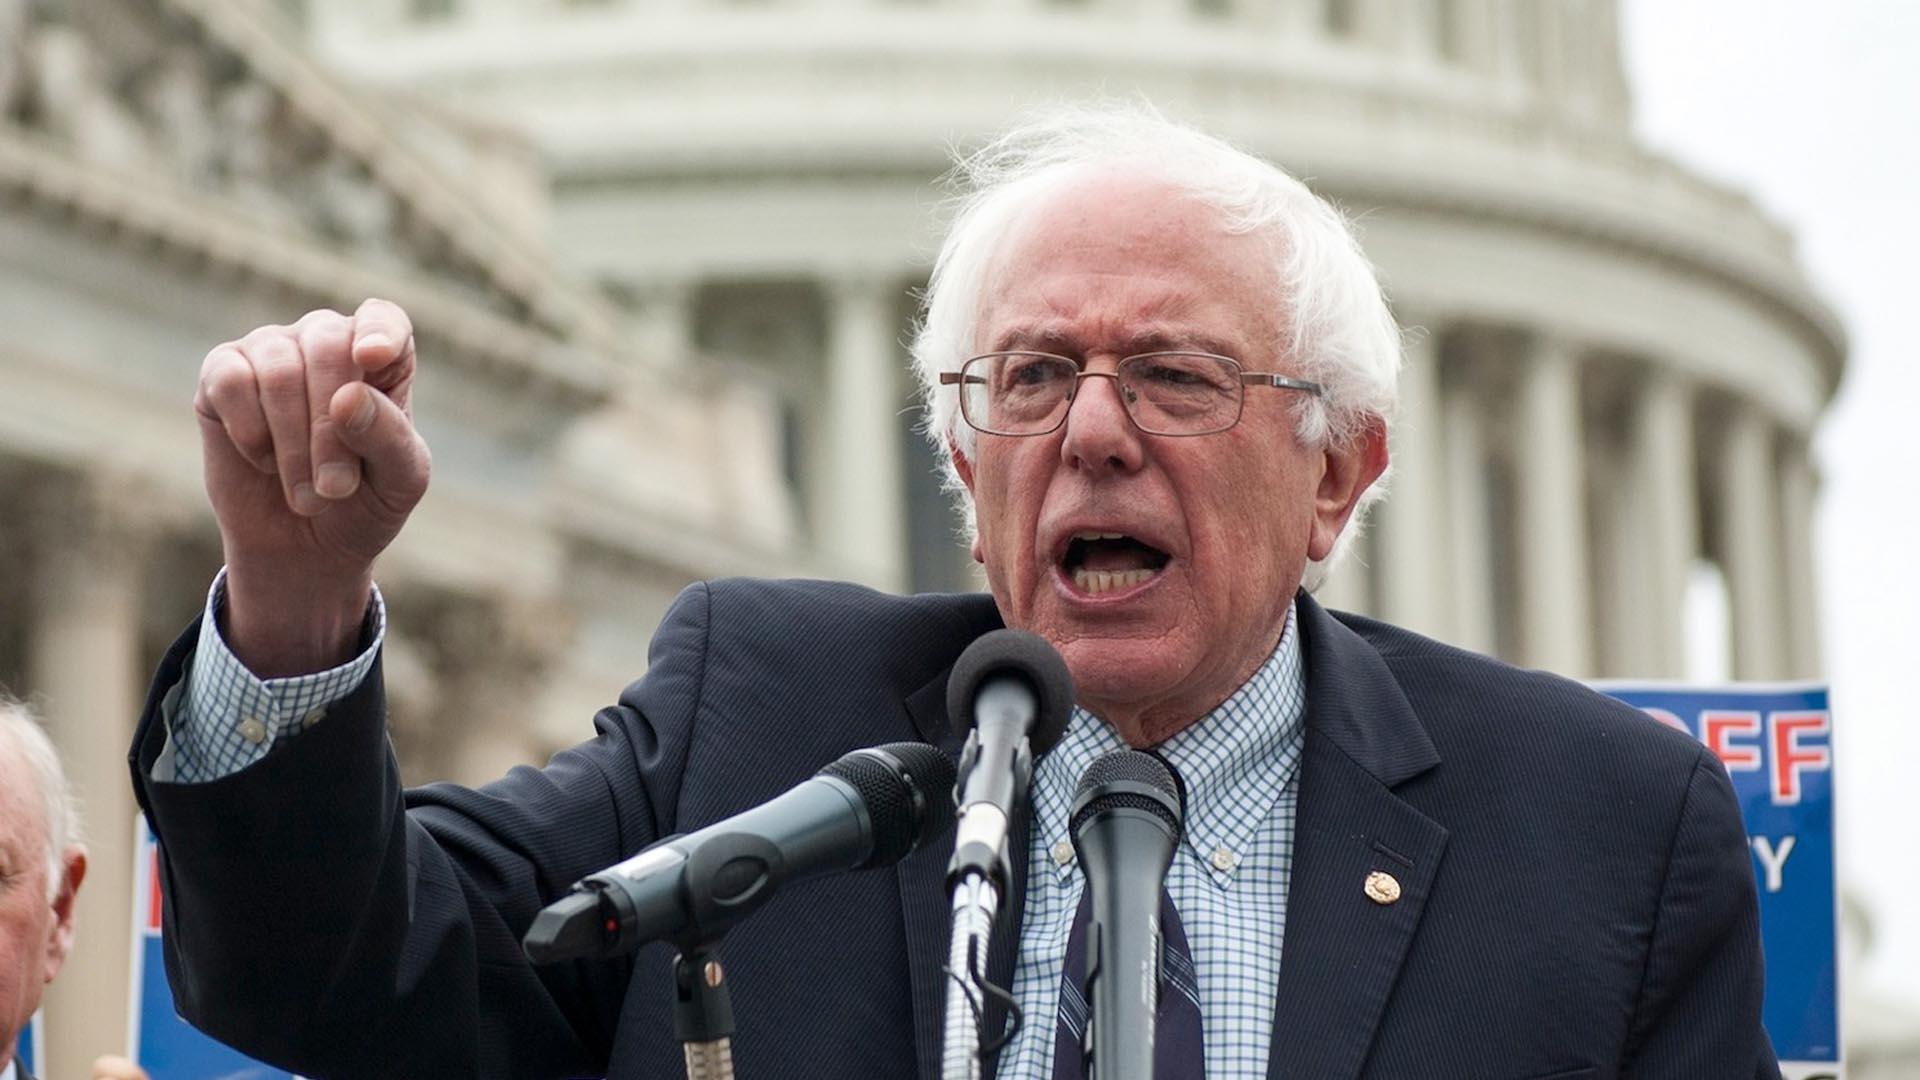 EEUU: Sanders pide a superdelegados que respeten la voluntad de los electores